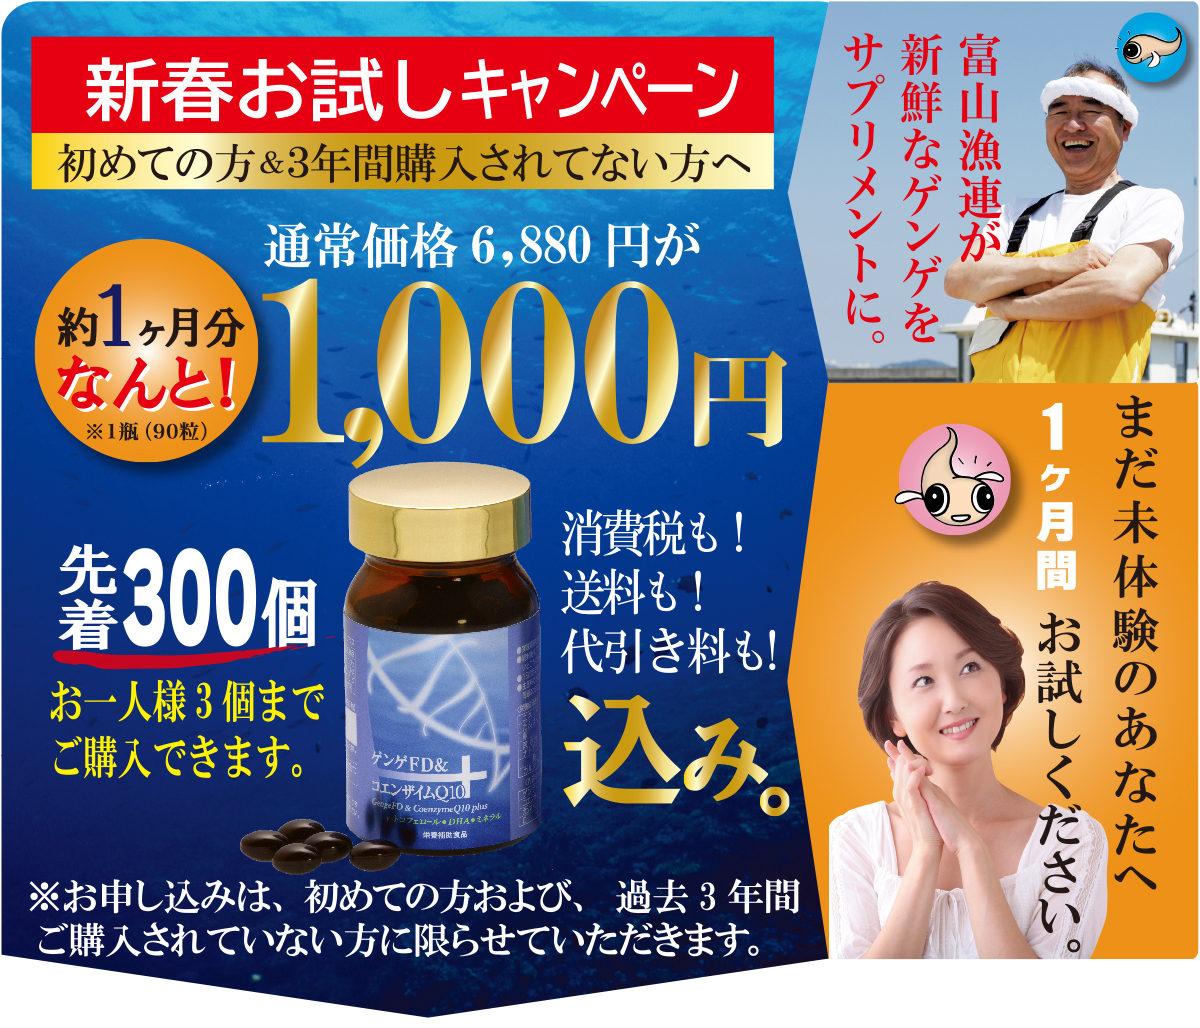 新春お試しキャンペーン 富山漁連のゲンゲサプリを